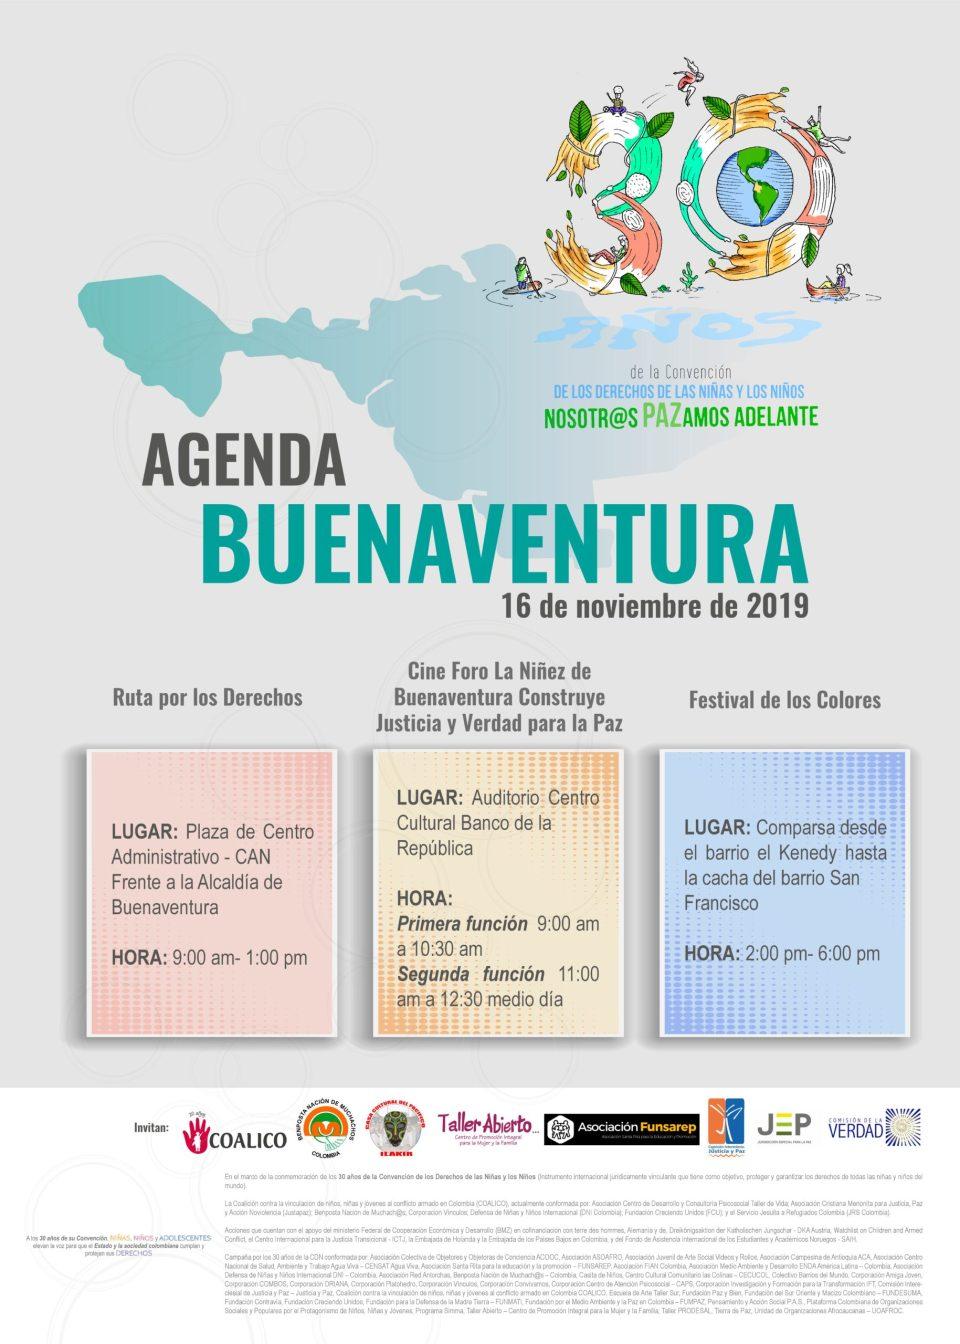 Invitación Agenda Las niñas y los niños PAZamos Adelante